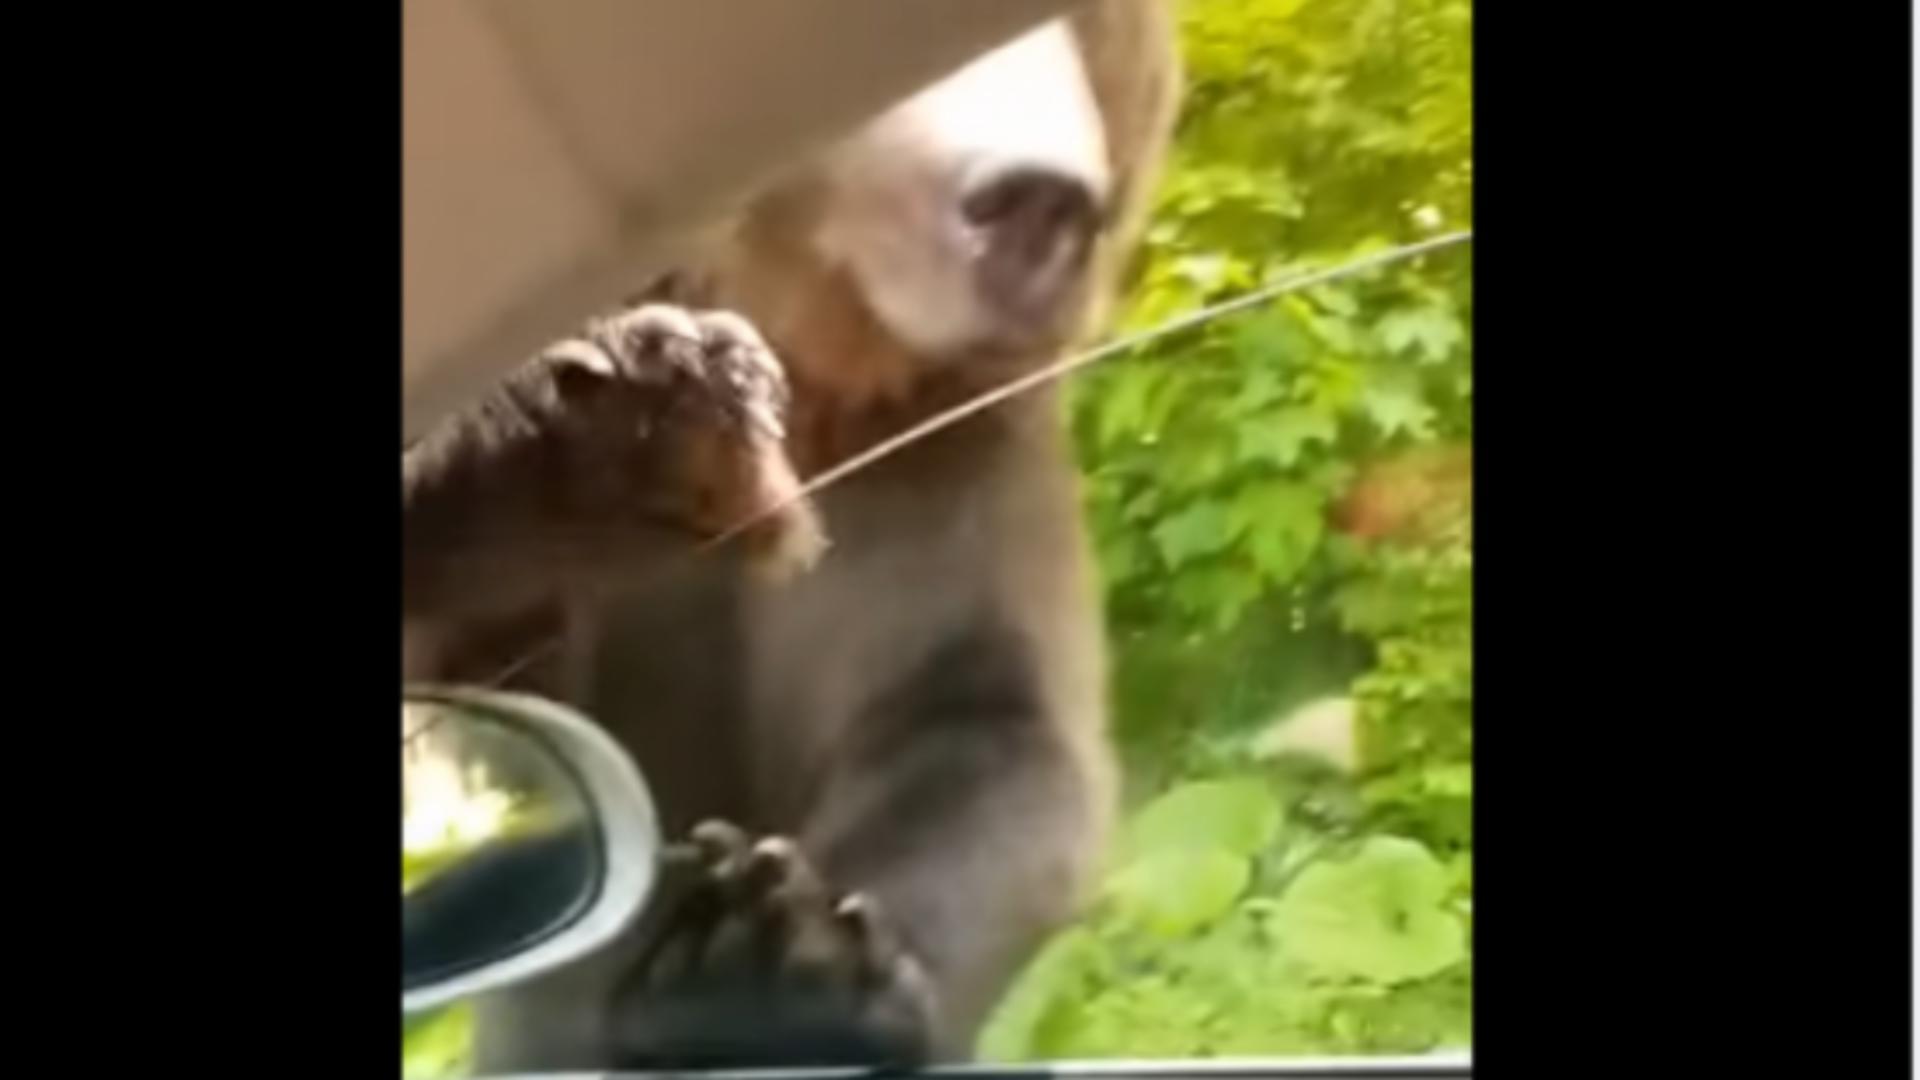 Urs filmat la Sinaia când ursul aproape că intră în mașină Foto: Captură Video Facebook